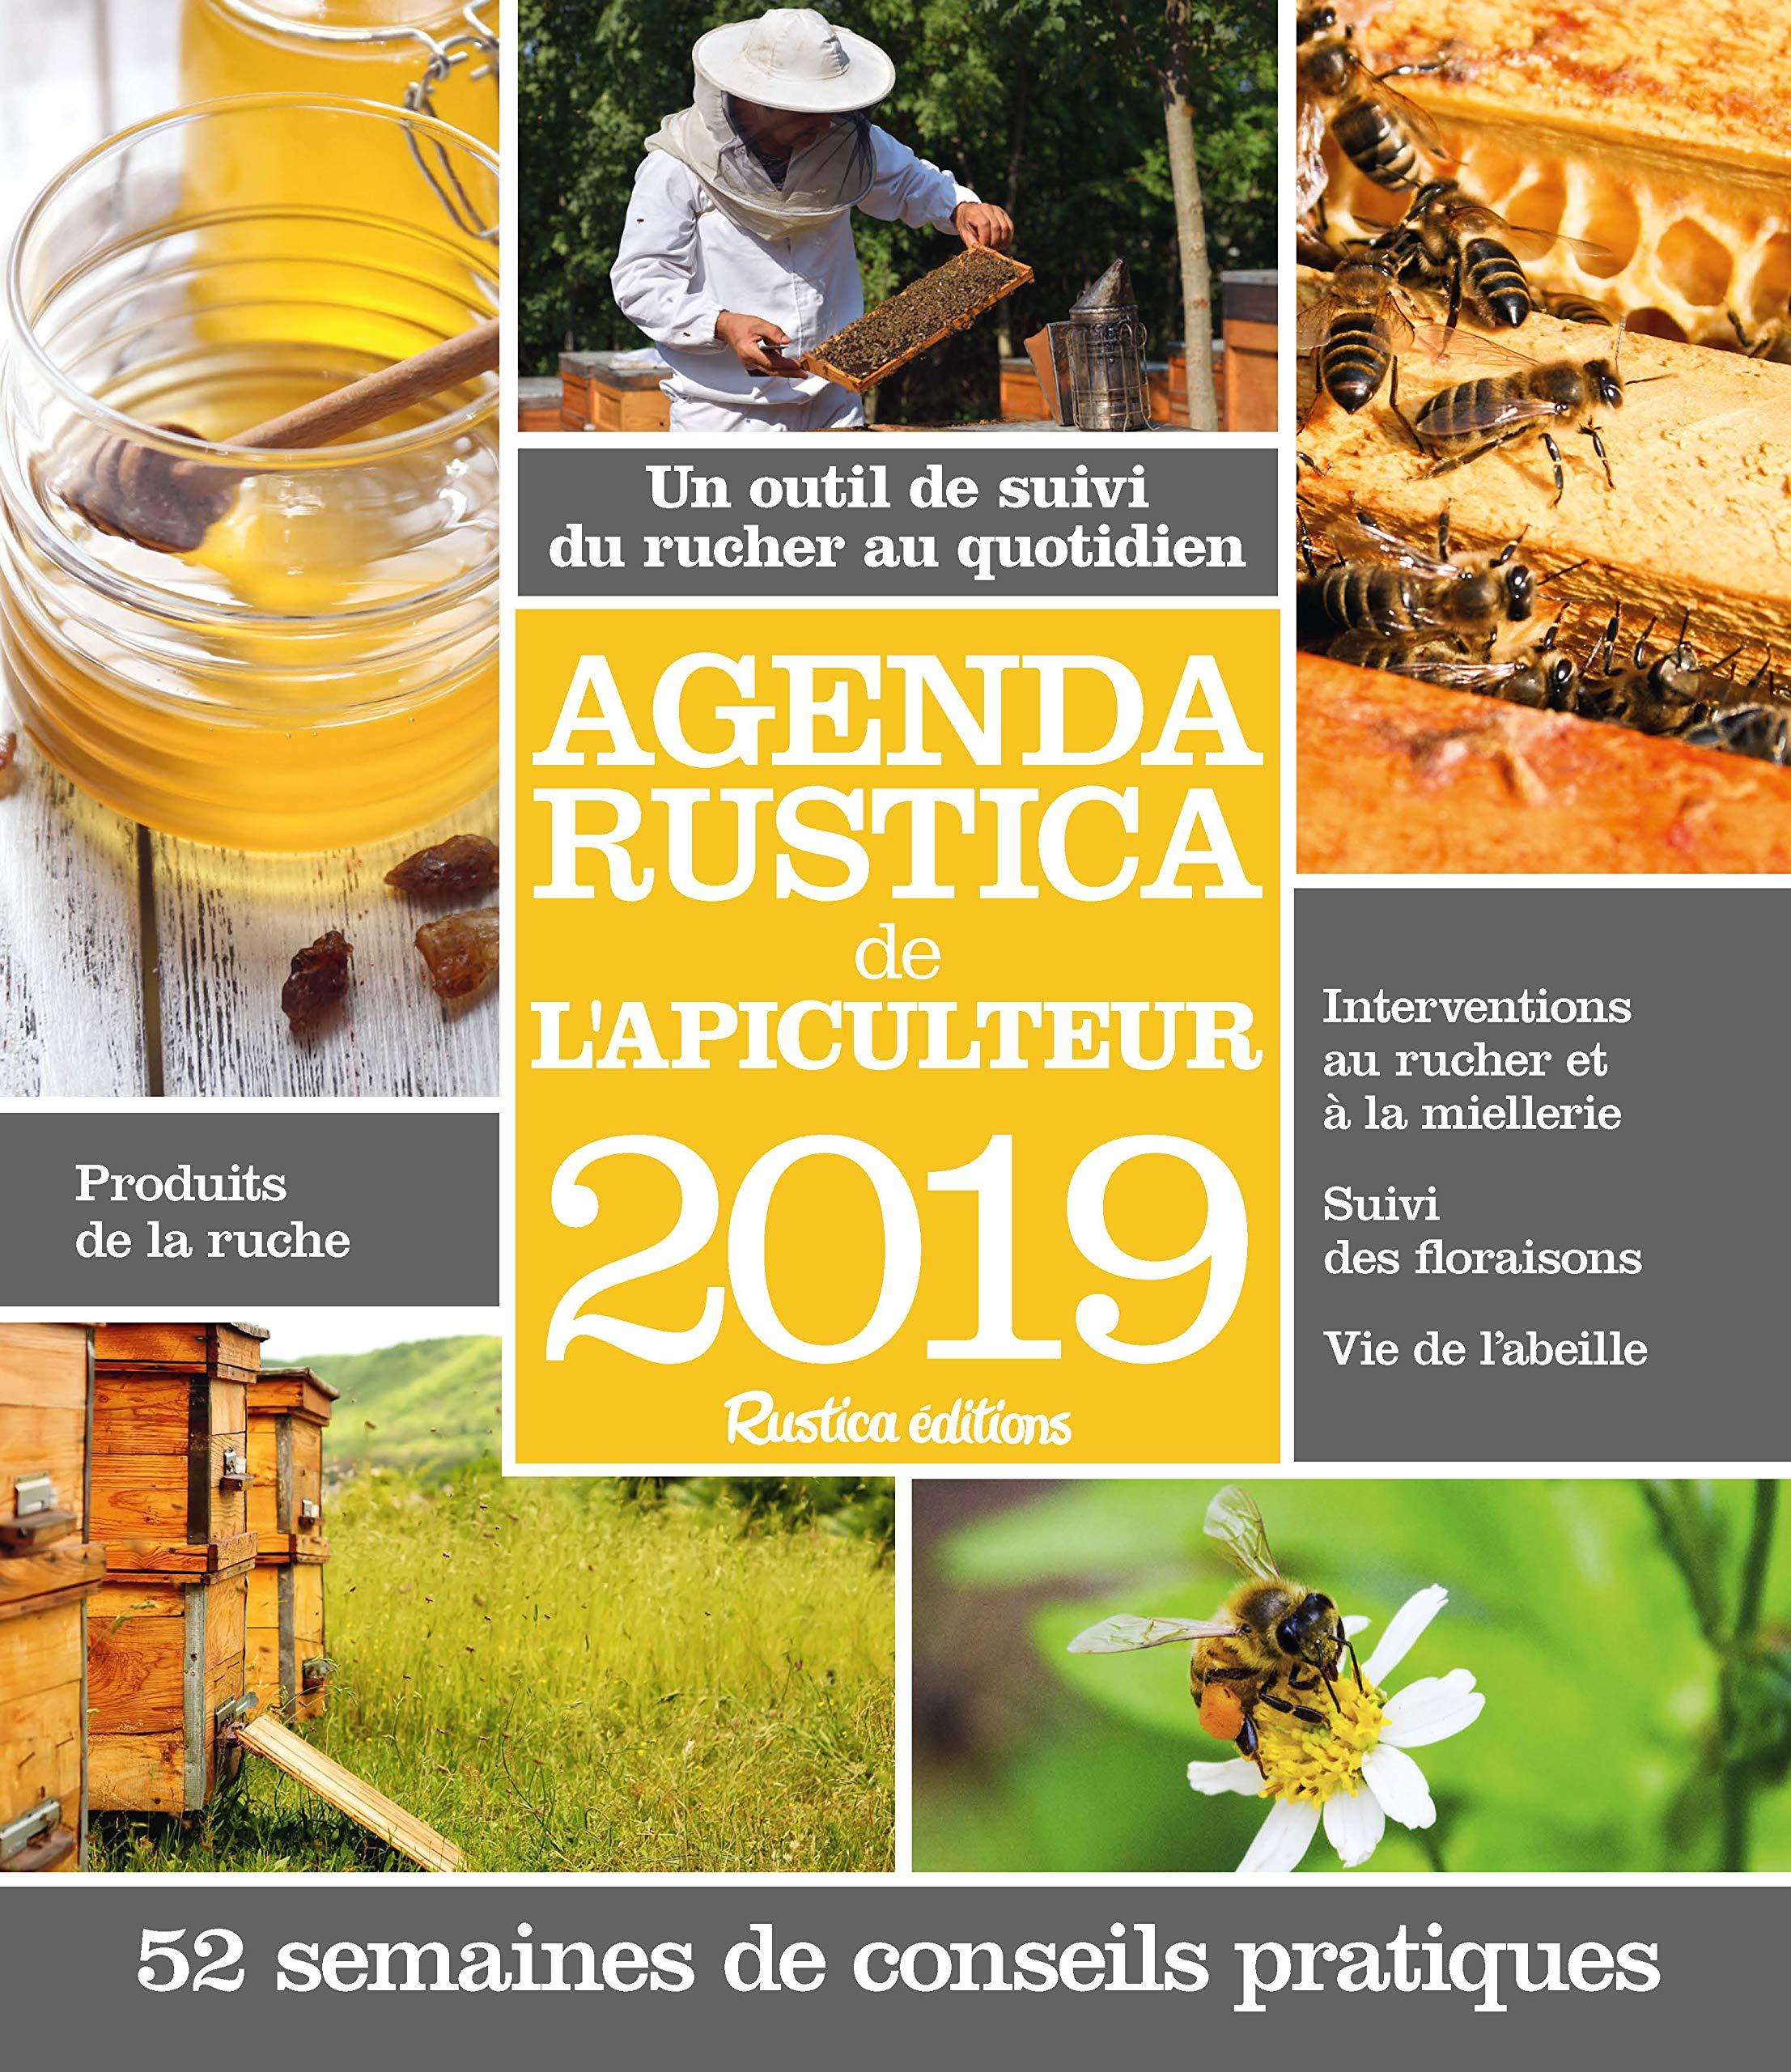 Agenda Rustica de l'apiculteur 2019 Broché – 24 août 2018 Paul Fert Gilles Fert 2815311747 Agendas